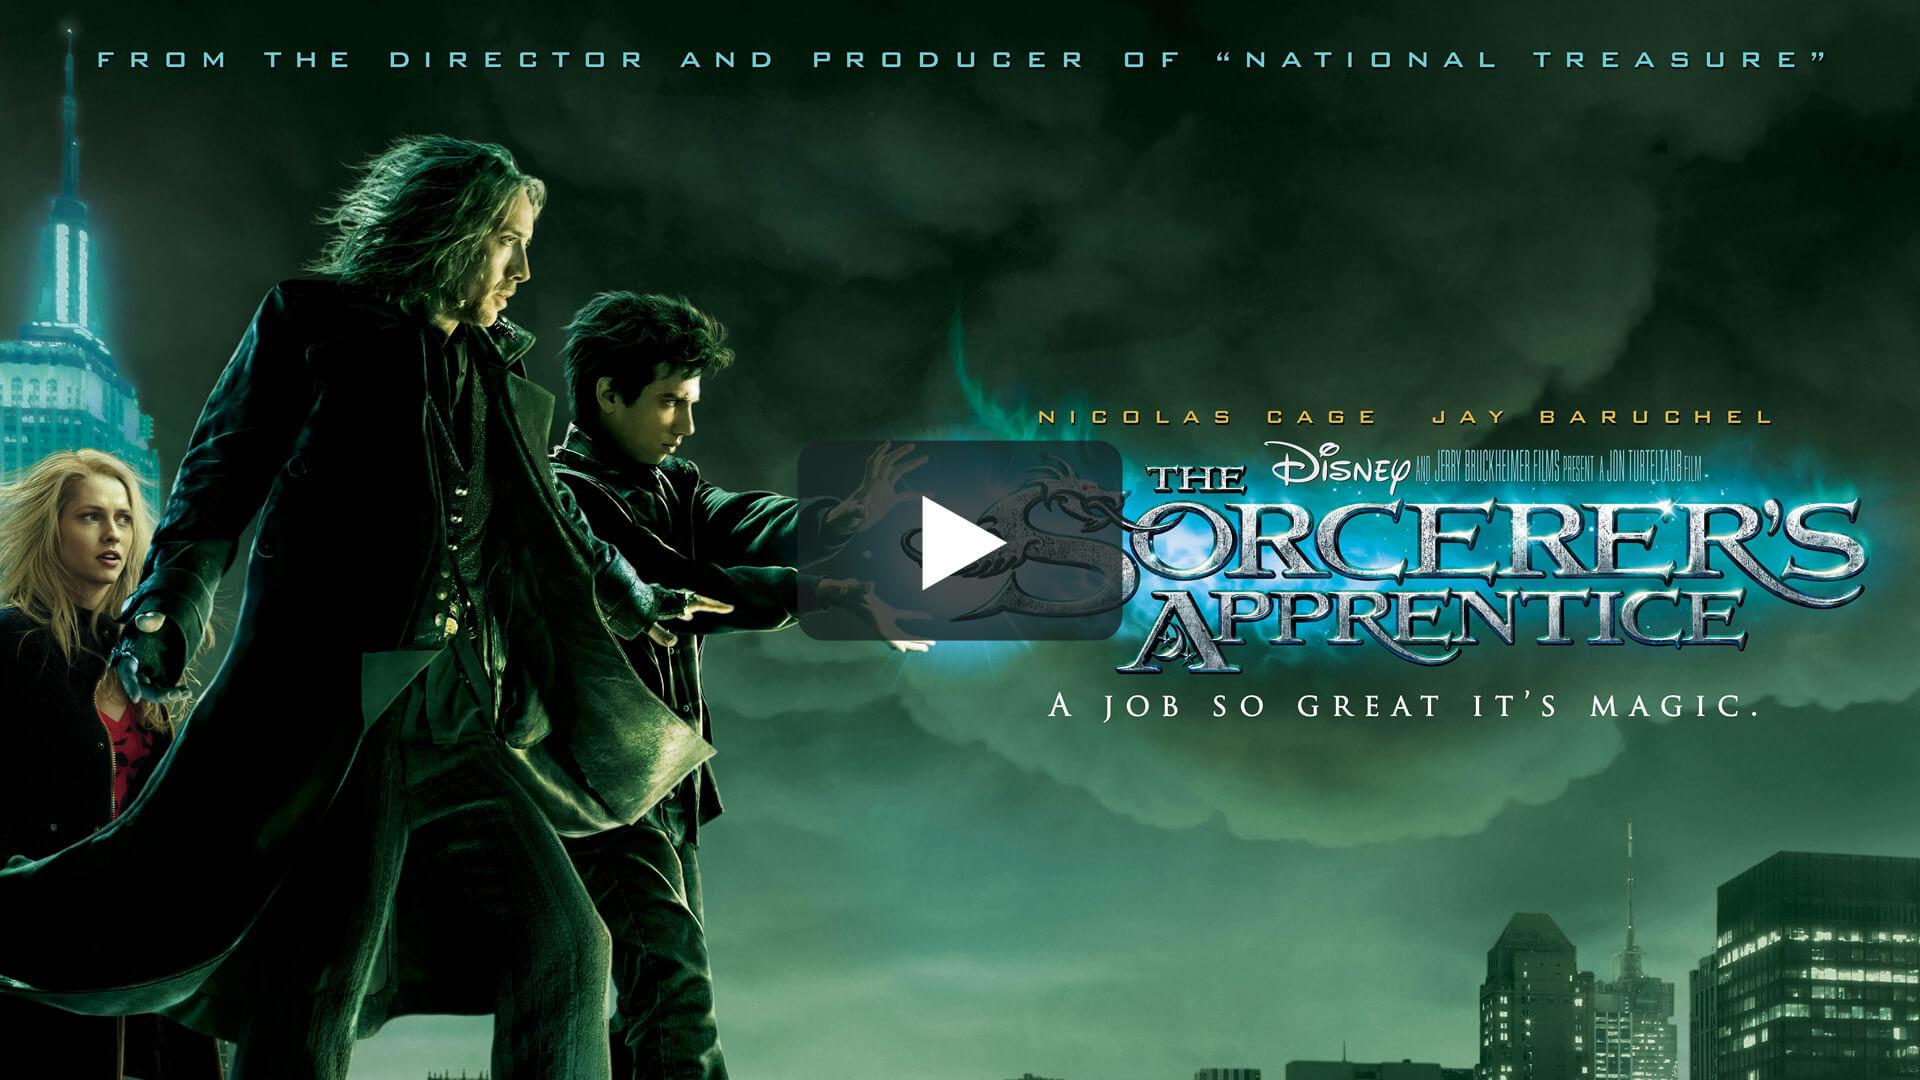 The Sorcerer's Apprentice - 魔法師的學徒